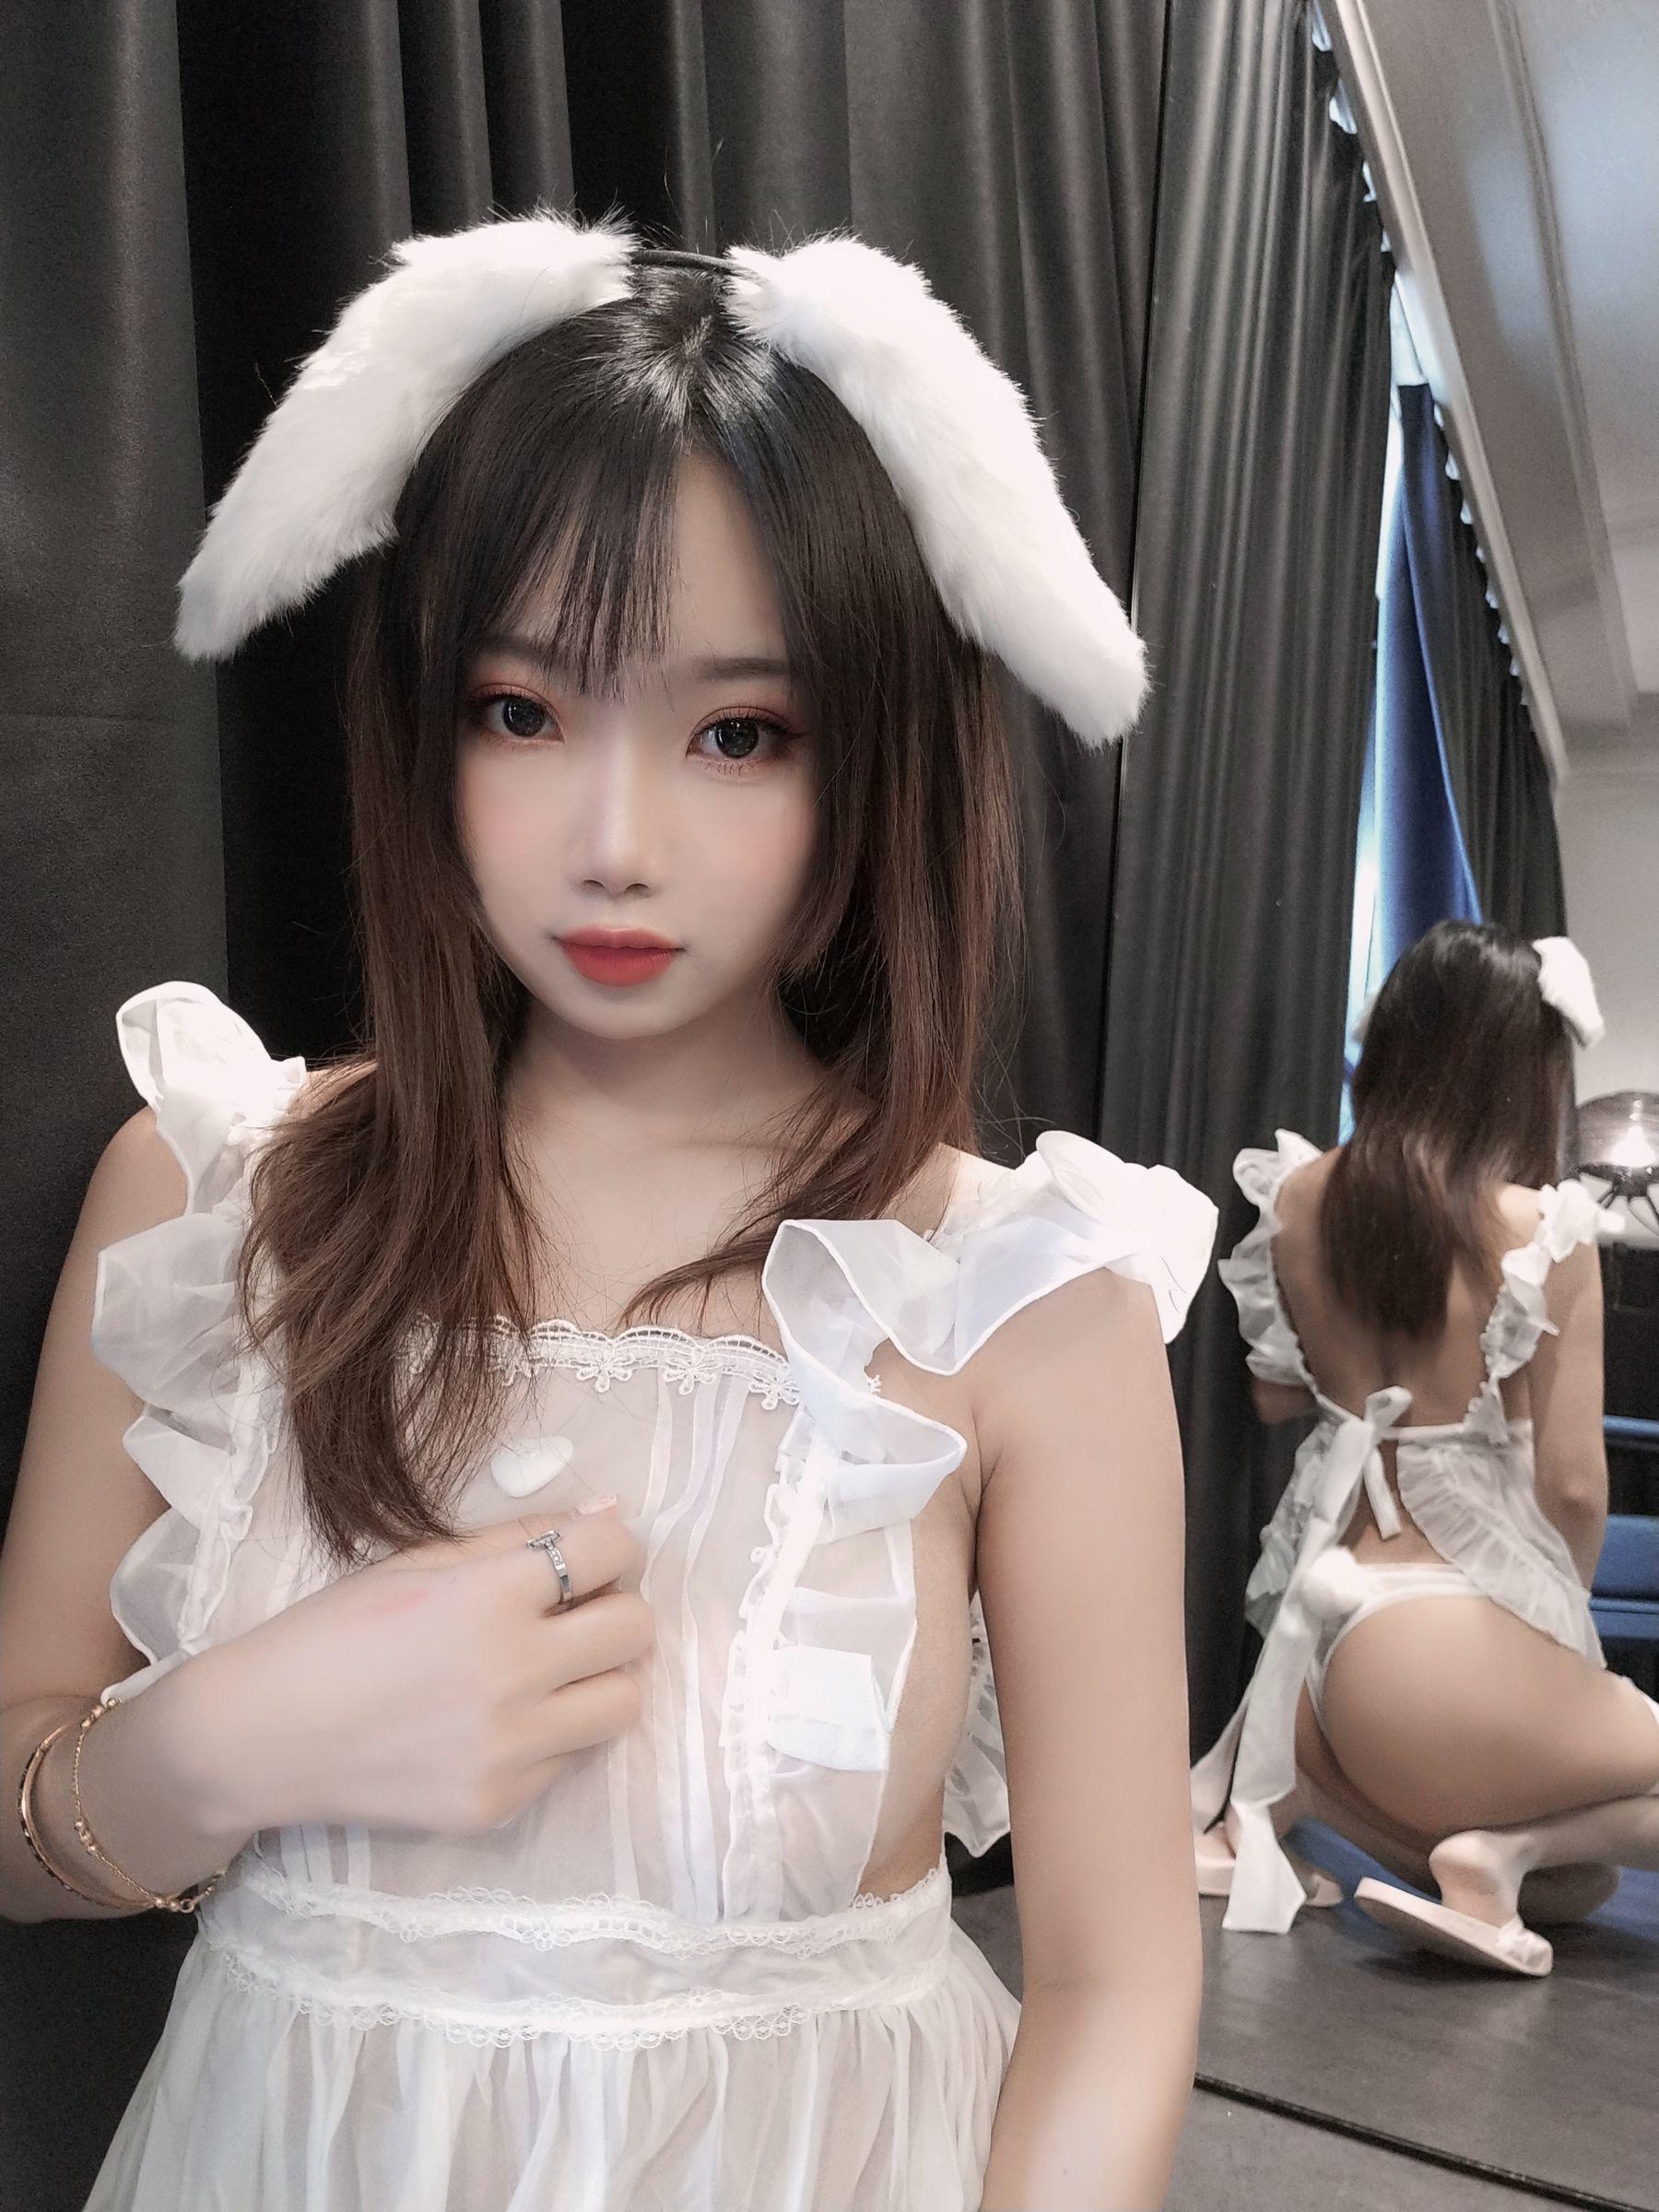 鬼畜瑶 - 小羊围裙